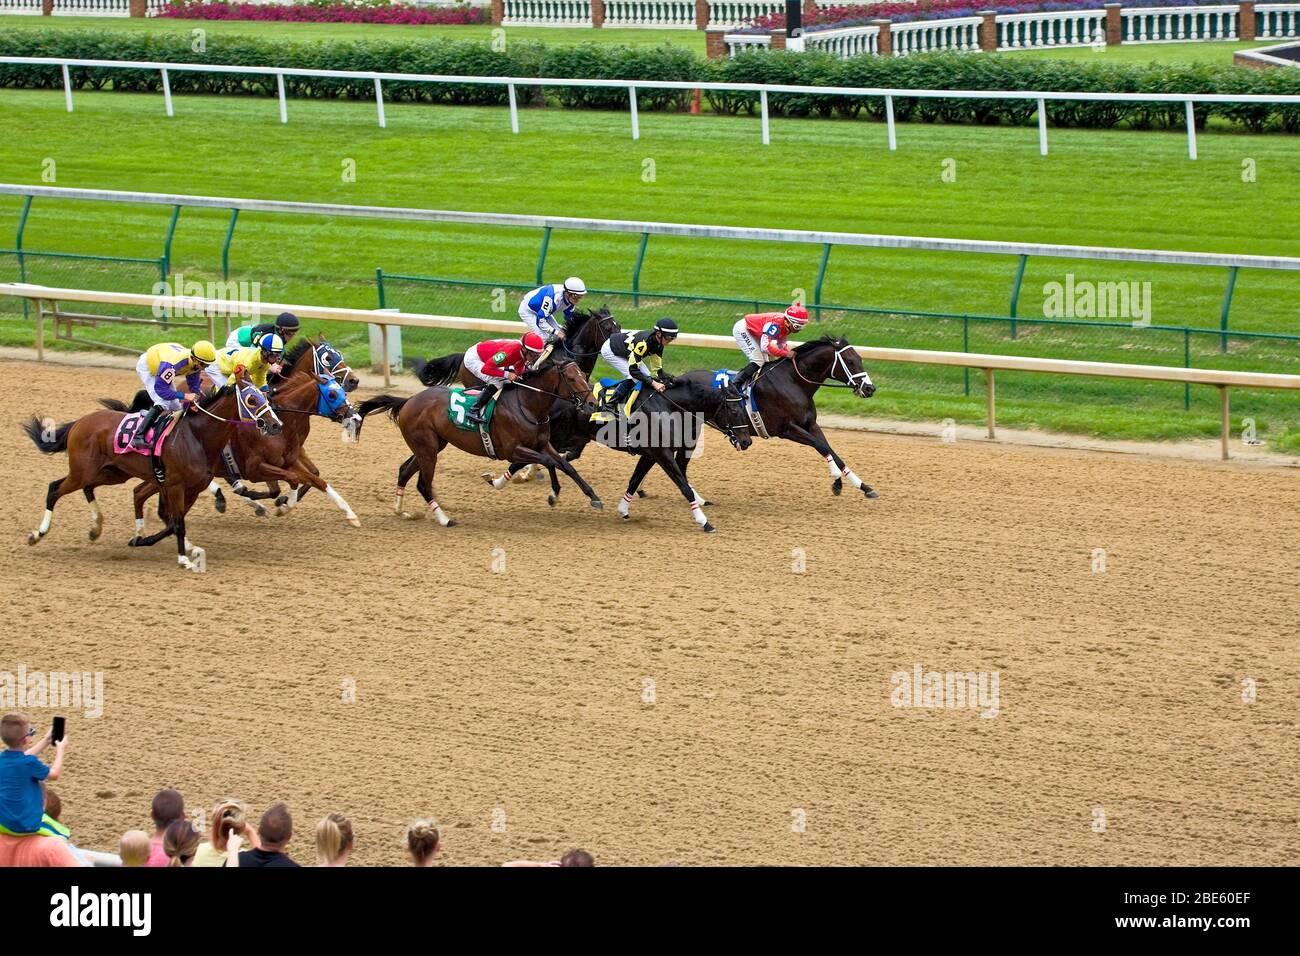 Jockeys Silks High Resolution Stock Photography And Images Alamy